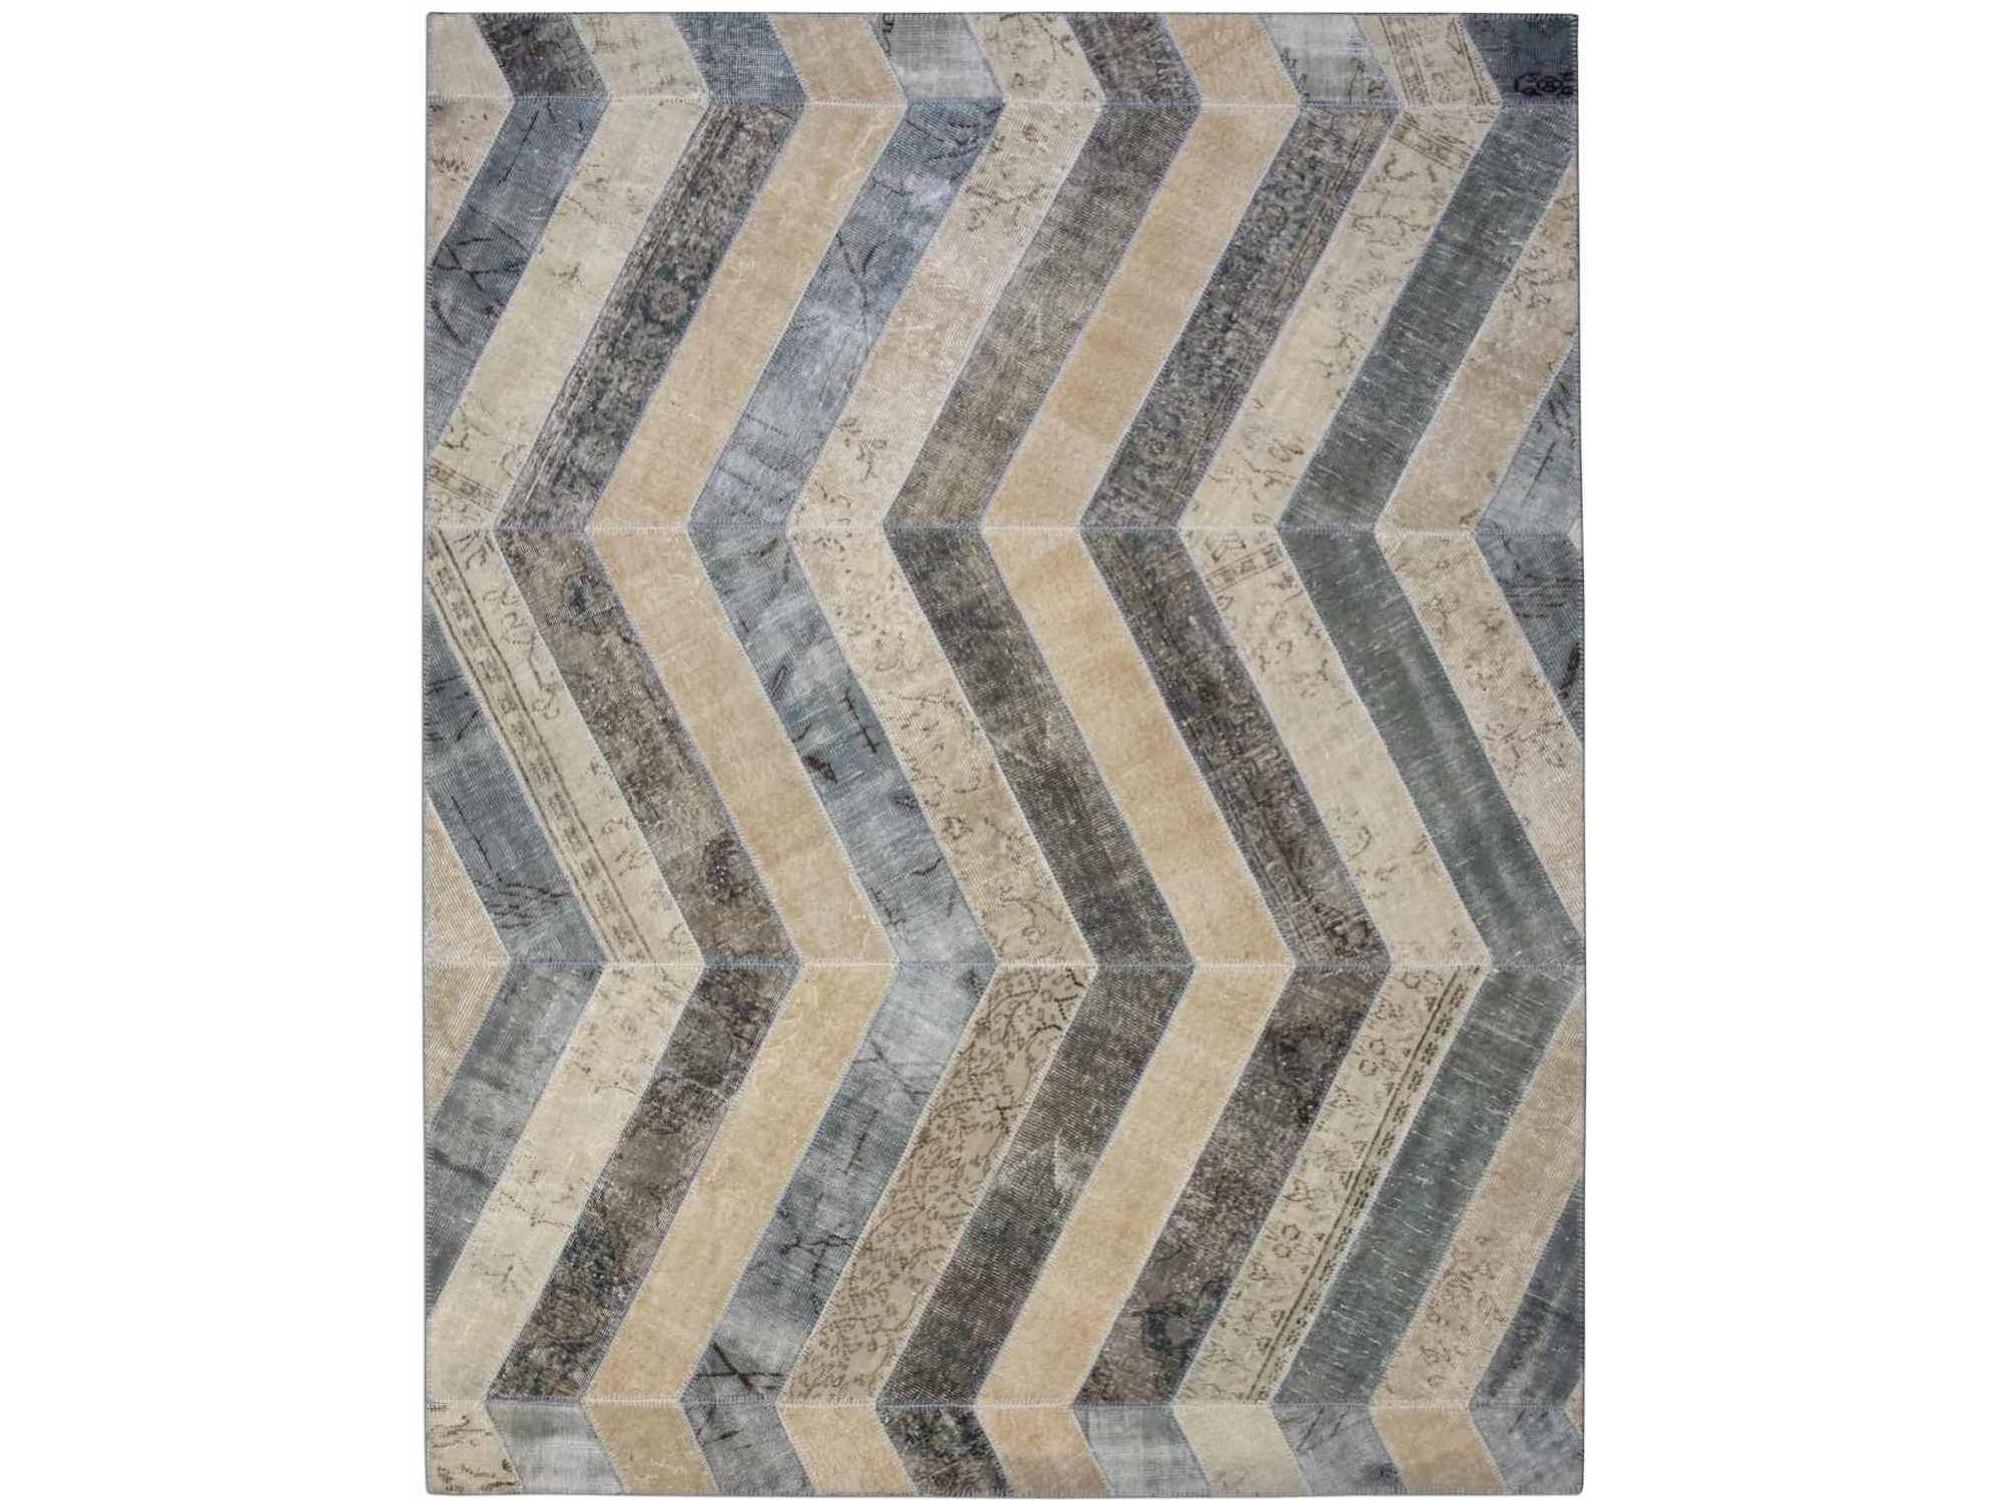 Ковер PatchworkПрямоугольные ковры<br>Винтажный ковер ручной работы в стиле &amp;quot;пэчворк&amp;quot; <br>из 100% шерсти. Ковер прекрасно подходит в <br>любые современные и классические интерьеры, <br>а благодаря толщине ковра всего 5 мм. и отсутствию <br>ворса, его легко чистить любыми видами пылесосов. <br>Этот настоящий ковер ручной работы не потеряет <br>своих красок и будет служить десятилетия.<br><br>Material: Шерсть<br>Ширина см: 247<br>Глубина см: 317